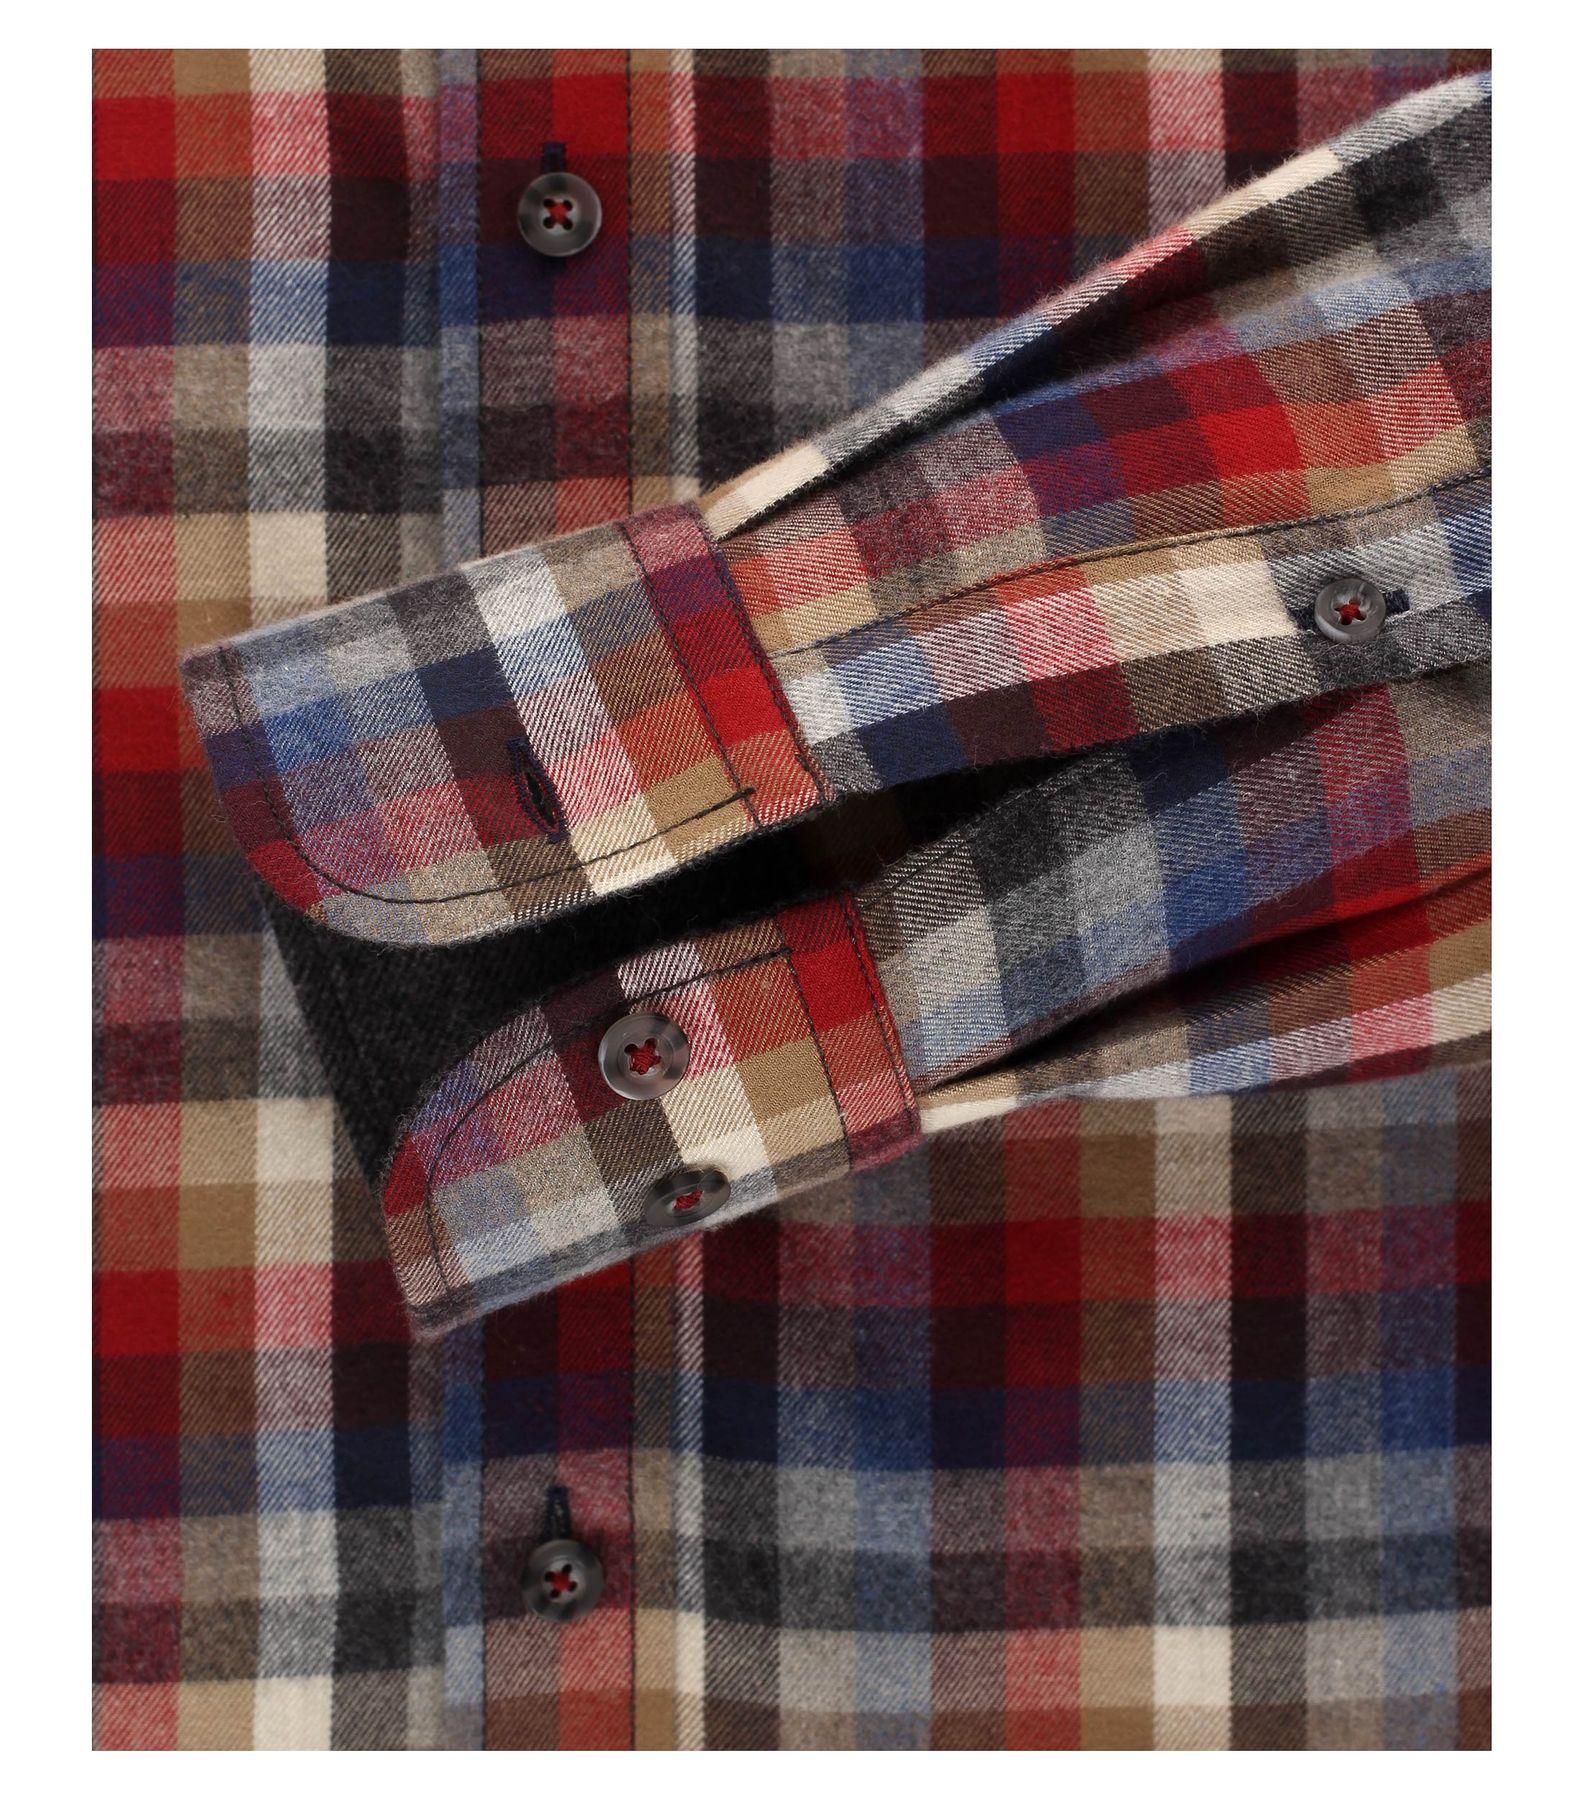 Casa Moda - Casual Fit - Flanell Herren Hemd, kariert mit Button Down-Kragen in Rot (472808500) – Bild 4